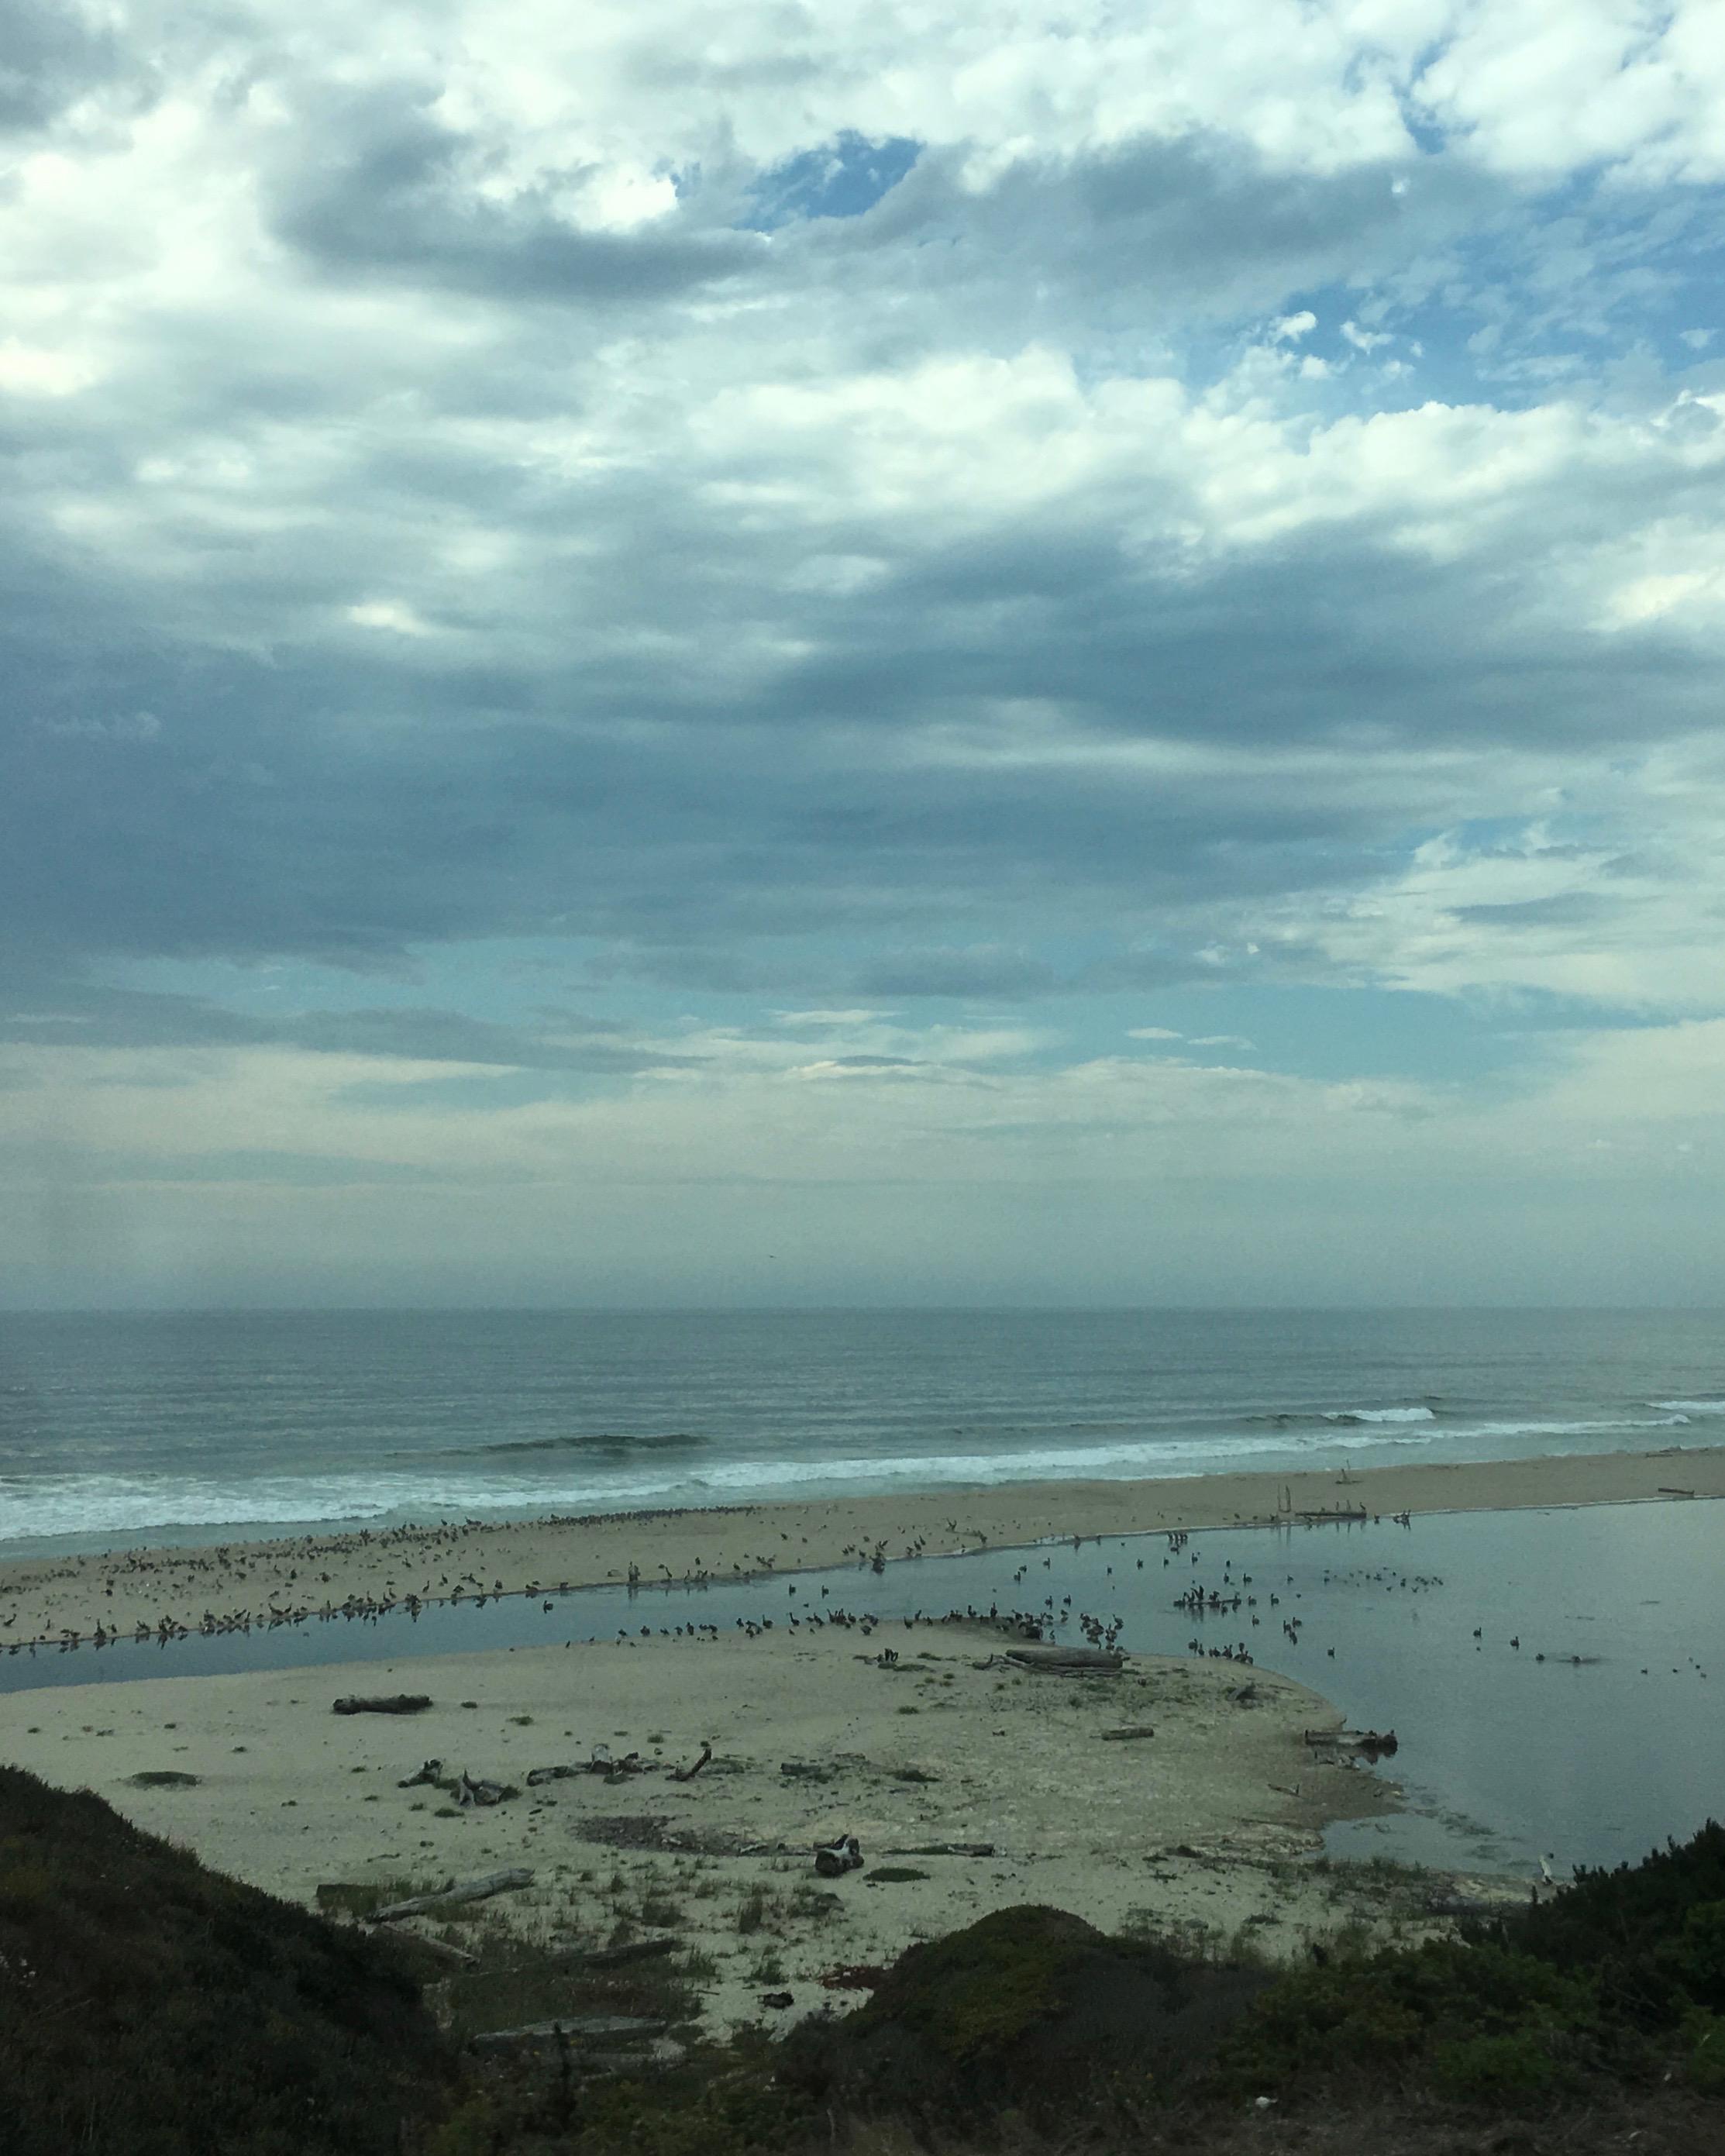 Madonna Inn - Pacific Ocean